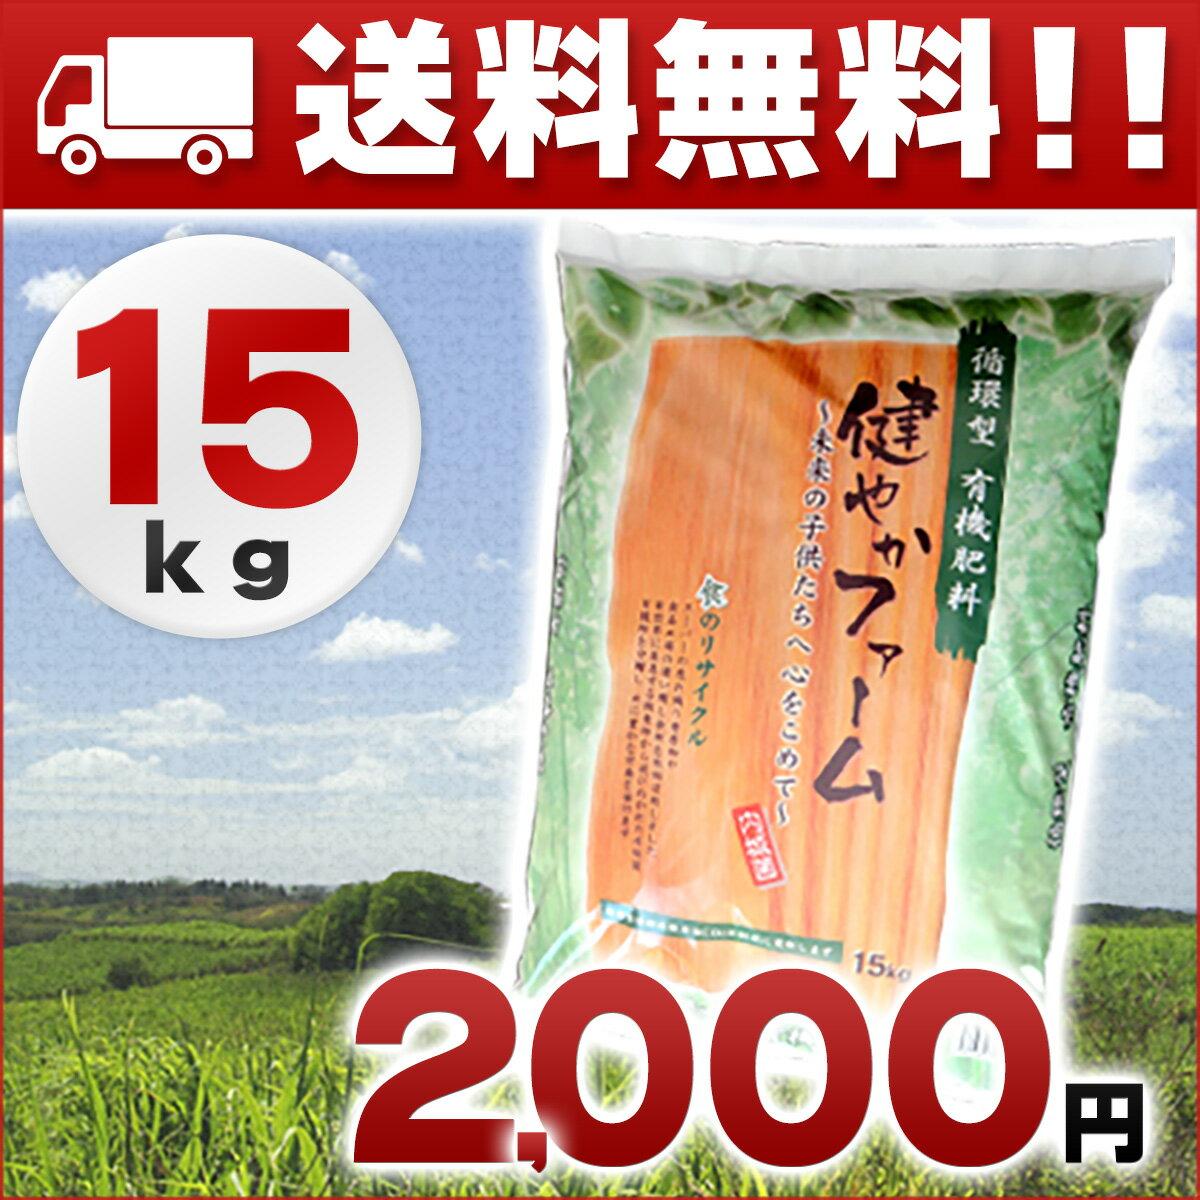 【送料無料】自然派志向 プロも使用のエコ有機肥料 健やかファーム! がんばる土にご褒美を!食品由来の高栄養価 有機質肥料 健やかファーム 15kg × 1袋 【smtb-td】